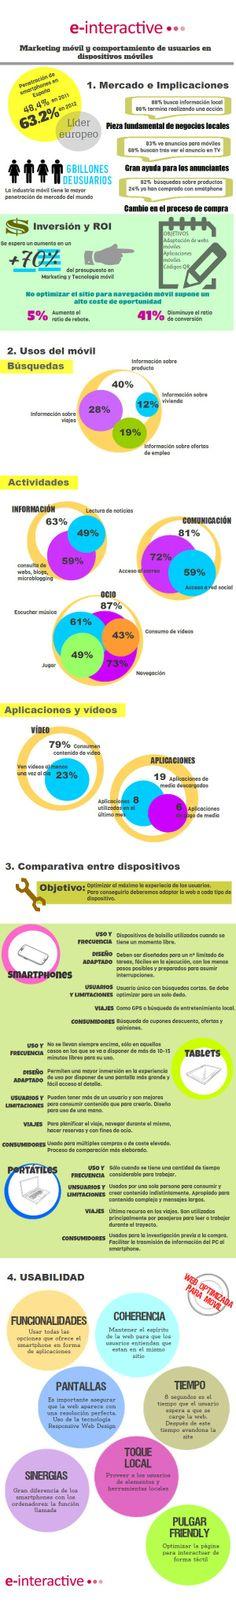 El comportamiento de los usuarios en #MarketingMovil no es el mismo que ante un dispositivo de sobremesa